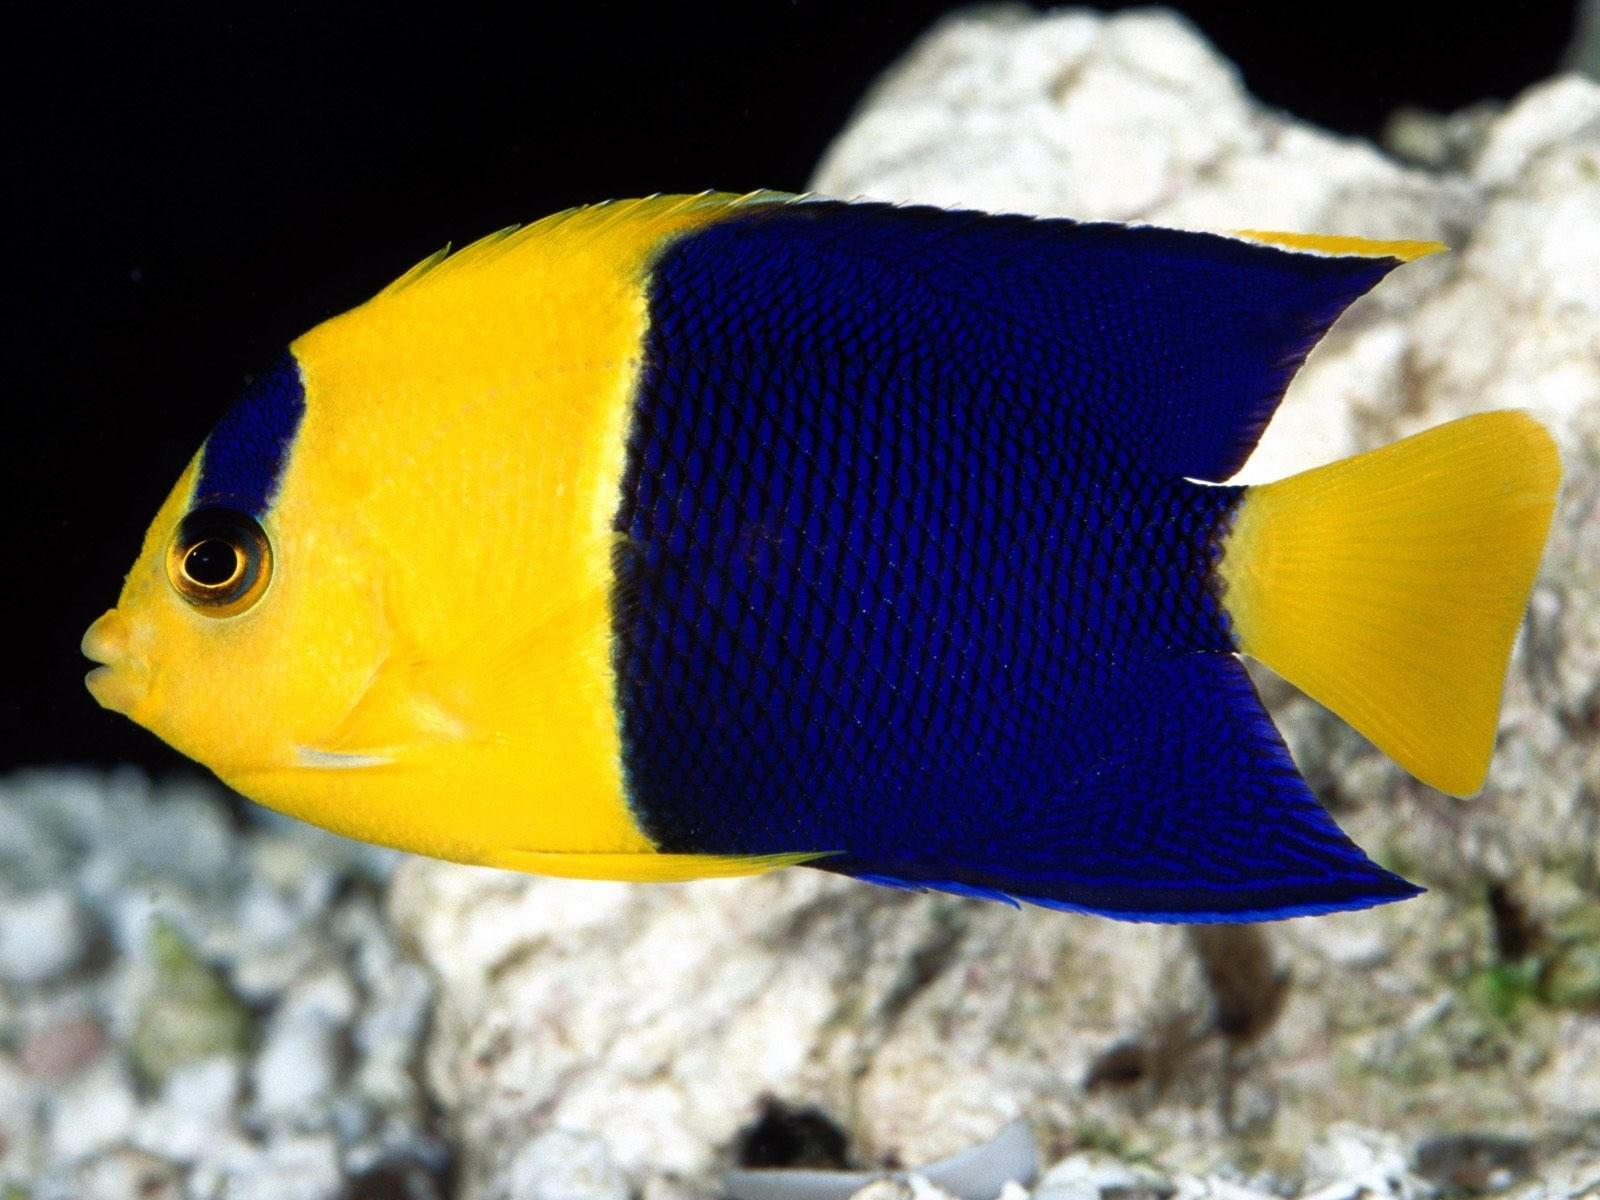 Желто-синяя рыбка возле камней